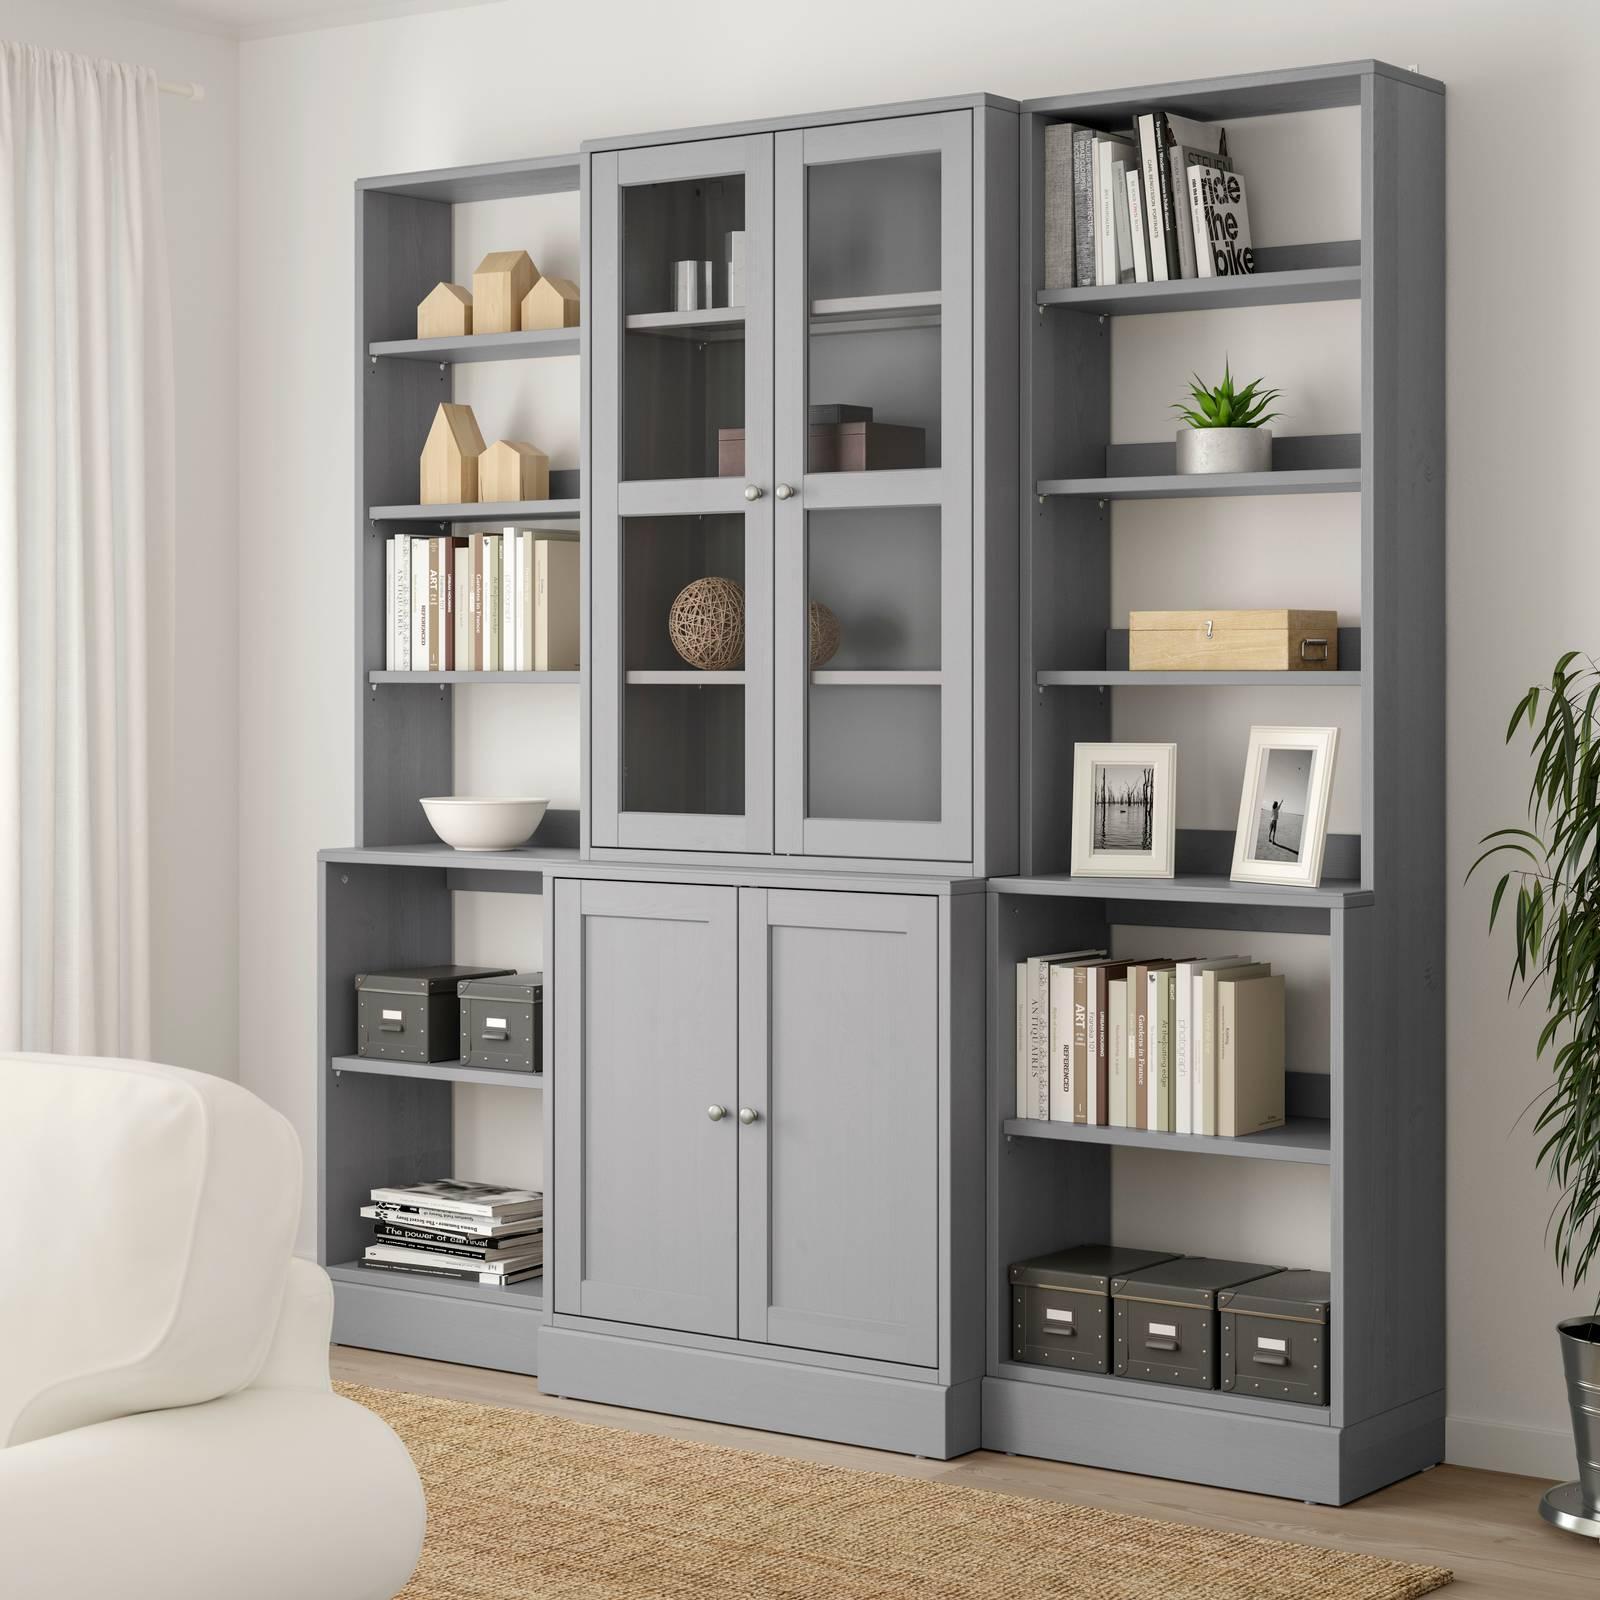 Libreria Da Parete Ikea librerie senza schienale, passanti o a parete. modelli e